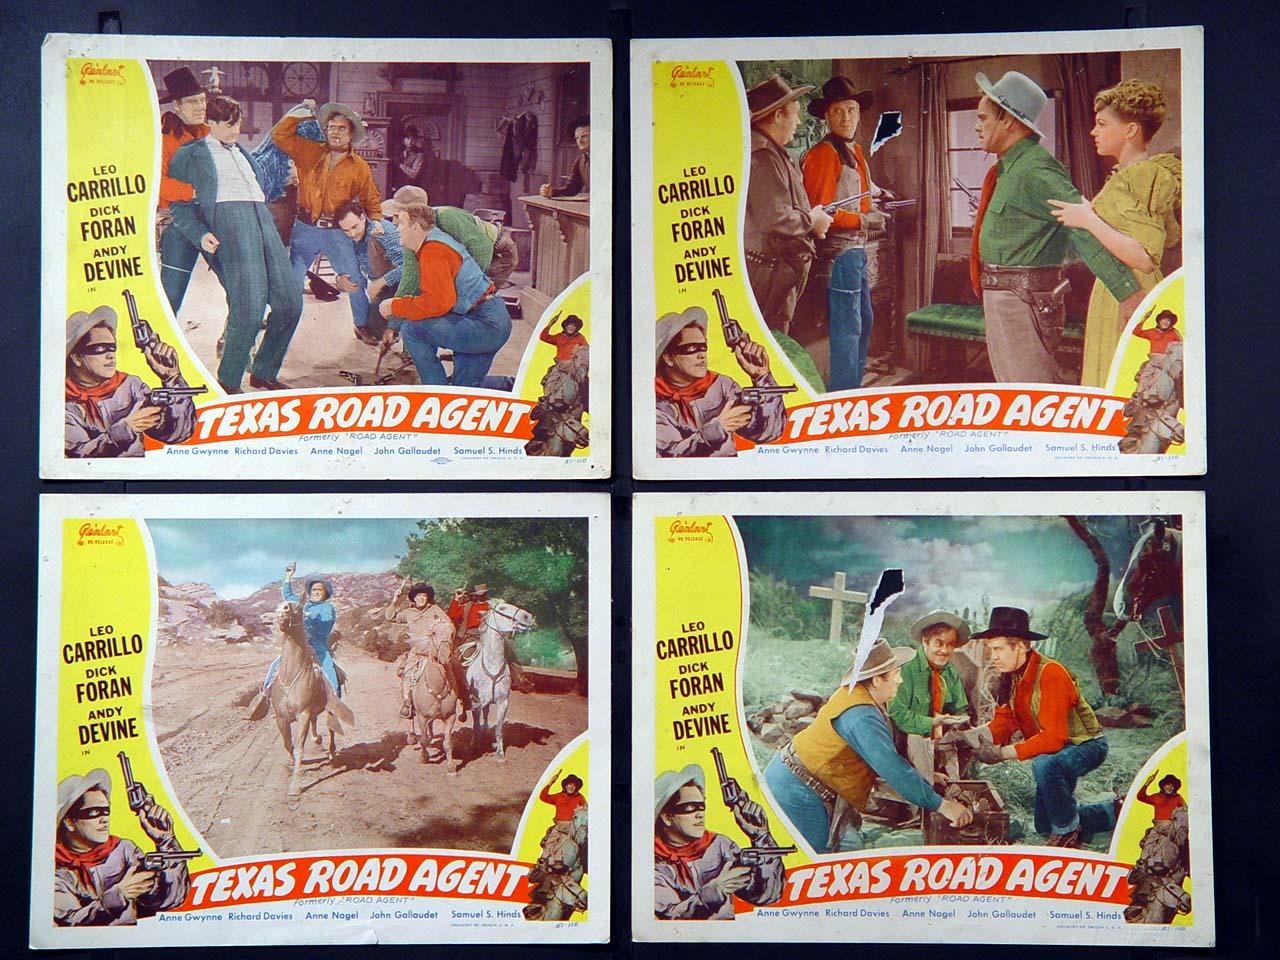 http://1.bp.blogspot.com/-guFwzQZyaCA/Tuj6jUWtZbI/AAAAAAAACMk/sh9g2N5ugyA/s1600/dick+foran-texas+road+agent.jpg